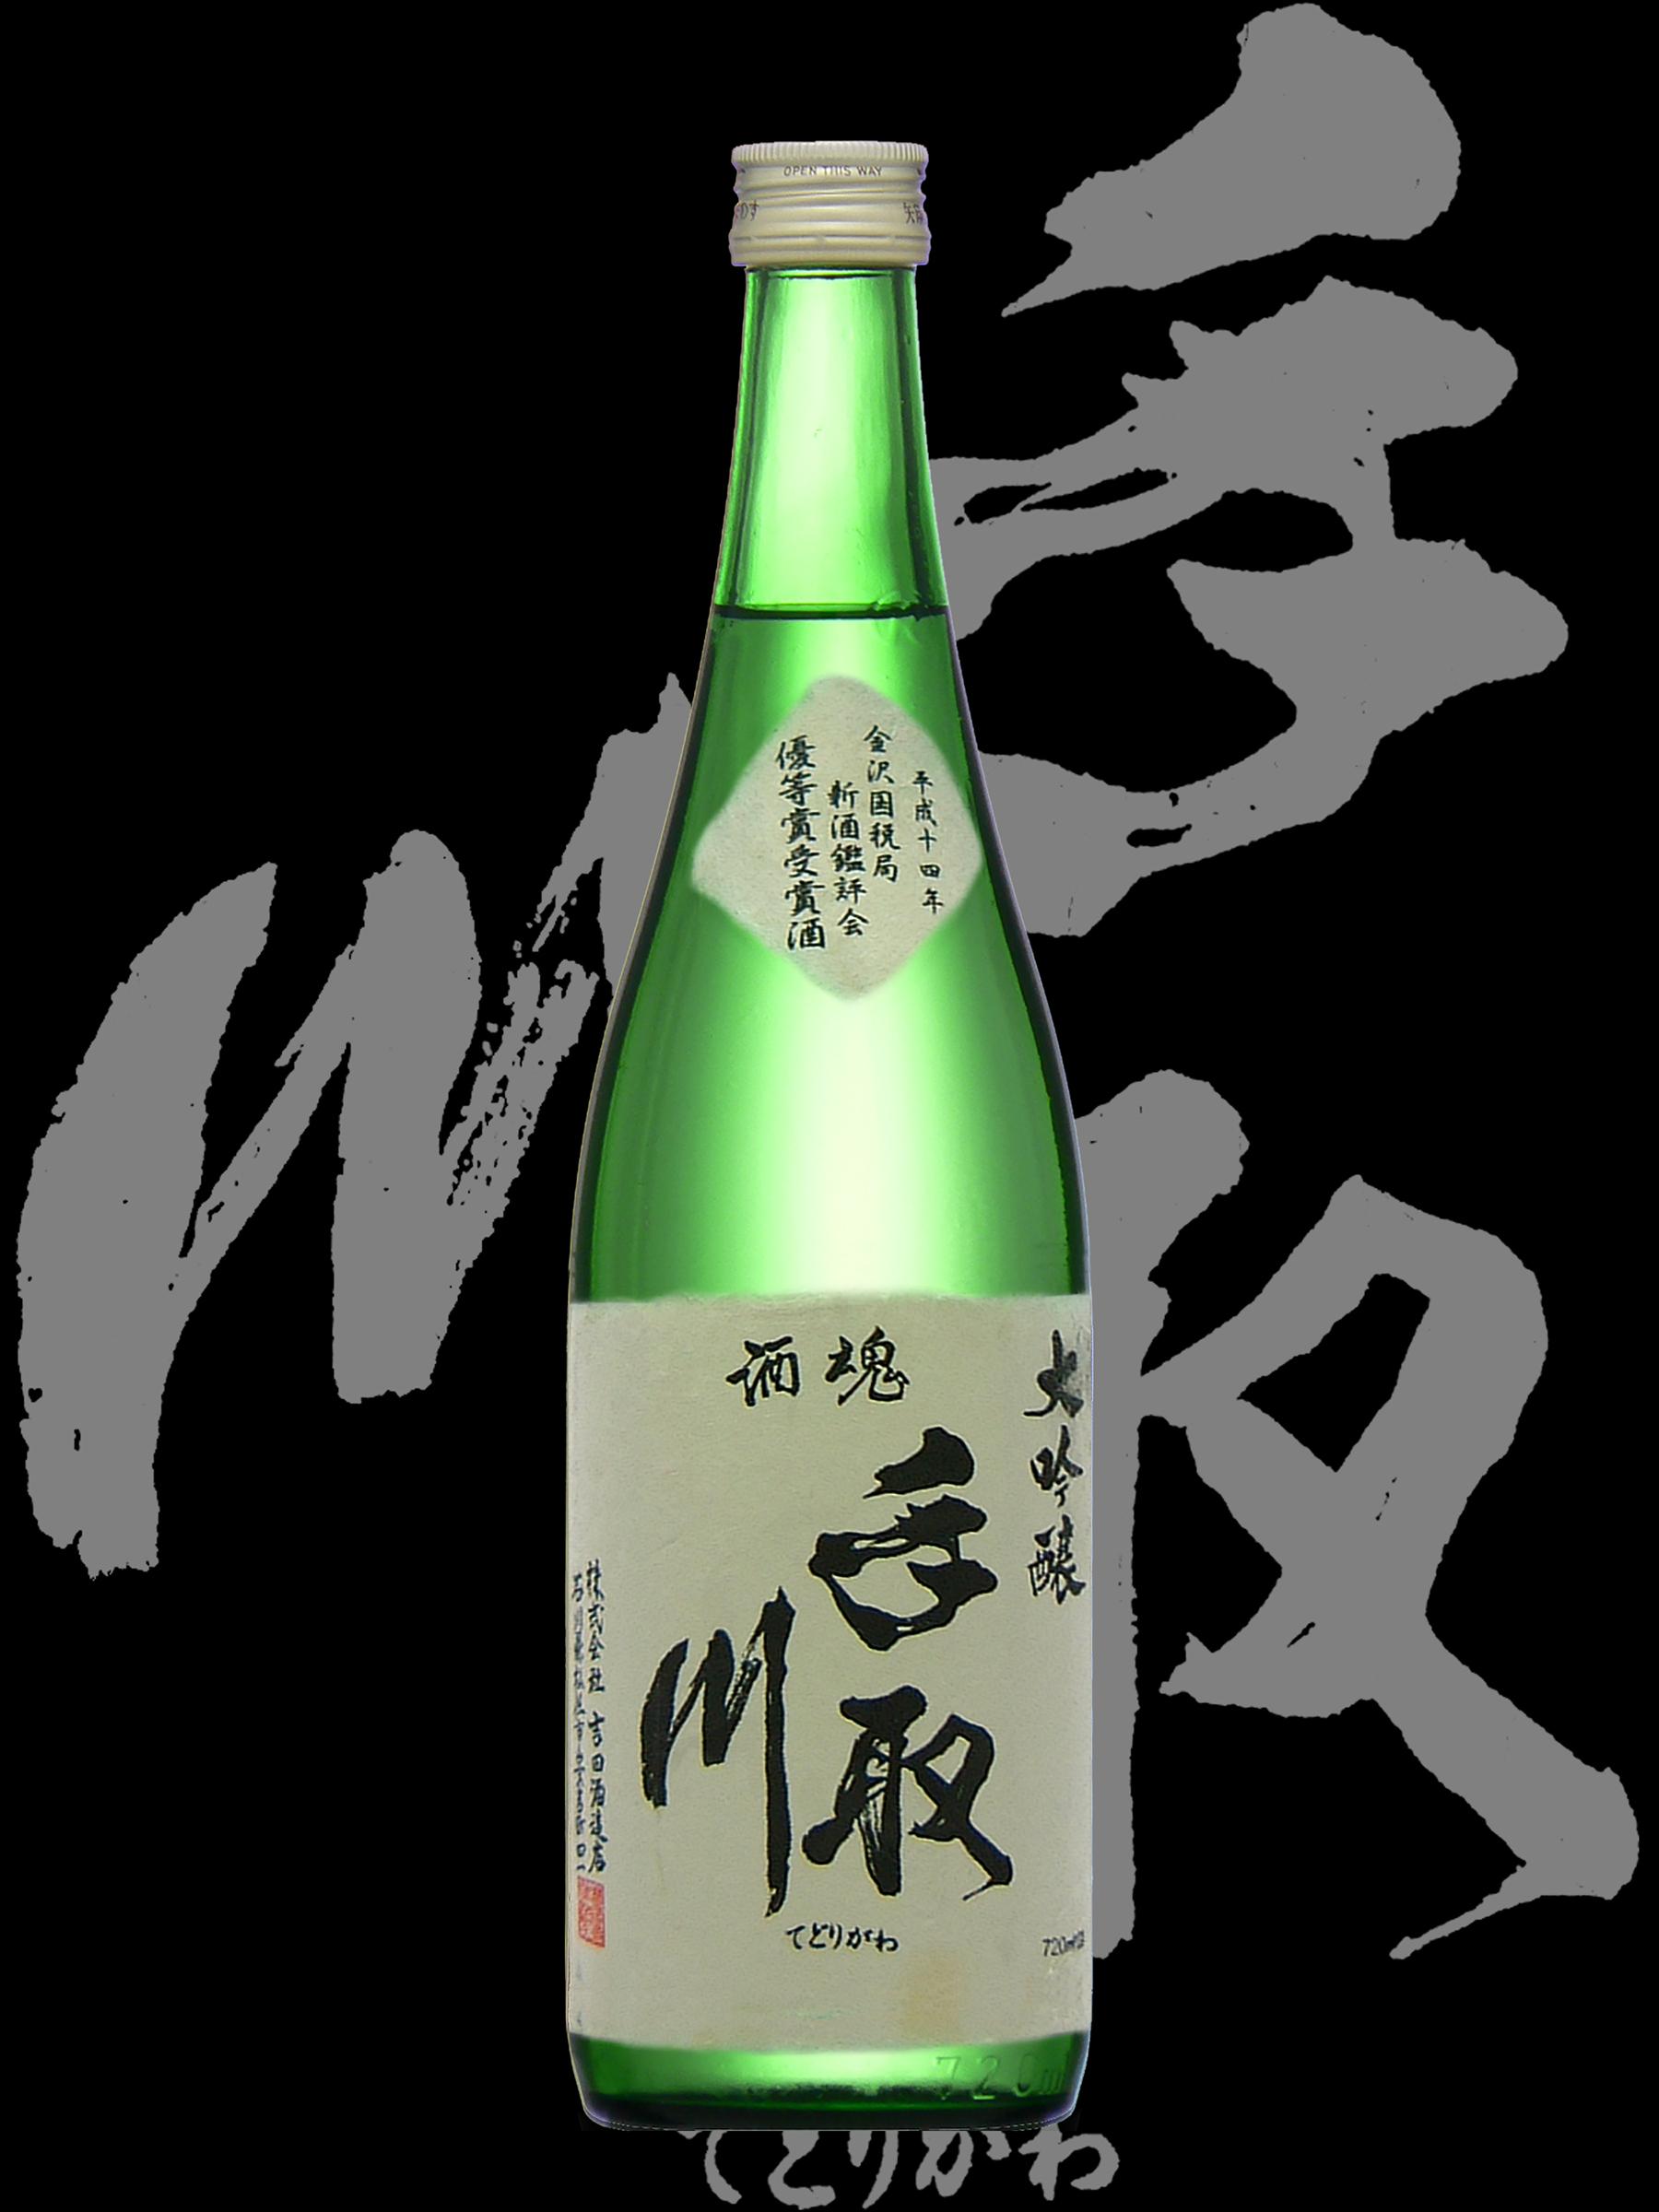 手取川(てどりがわ)「大吟醸」出品酒 2002 優等賞受賞酒